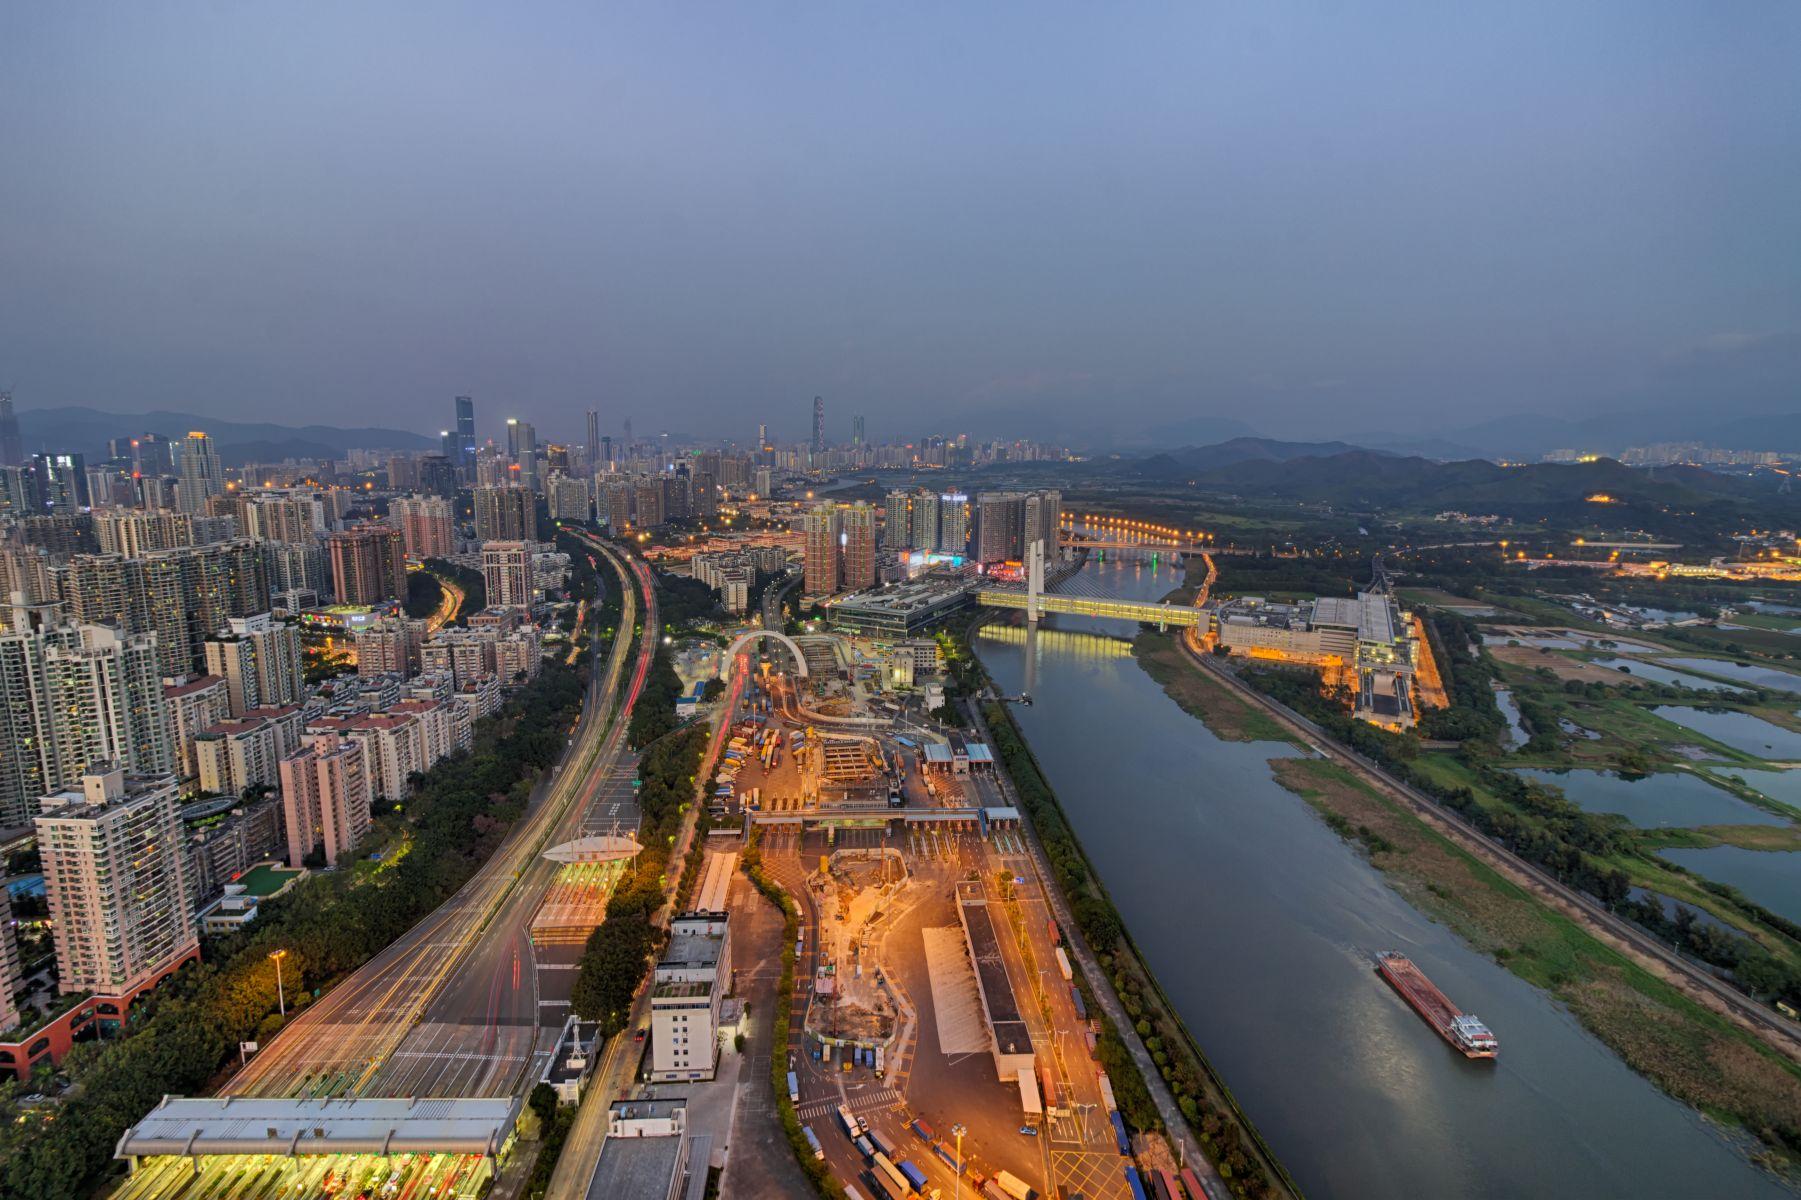 來往中國恐遇盤查? 香港記者被公安查手機盤問後…「再也不敢去了」